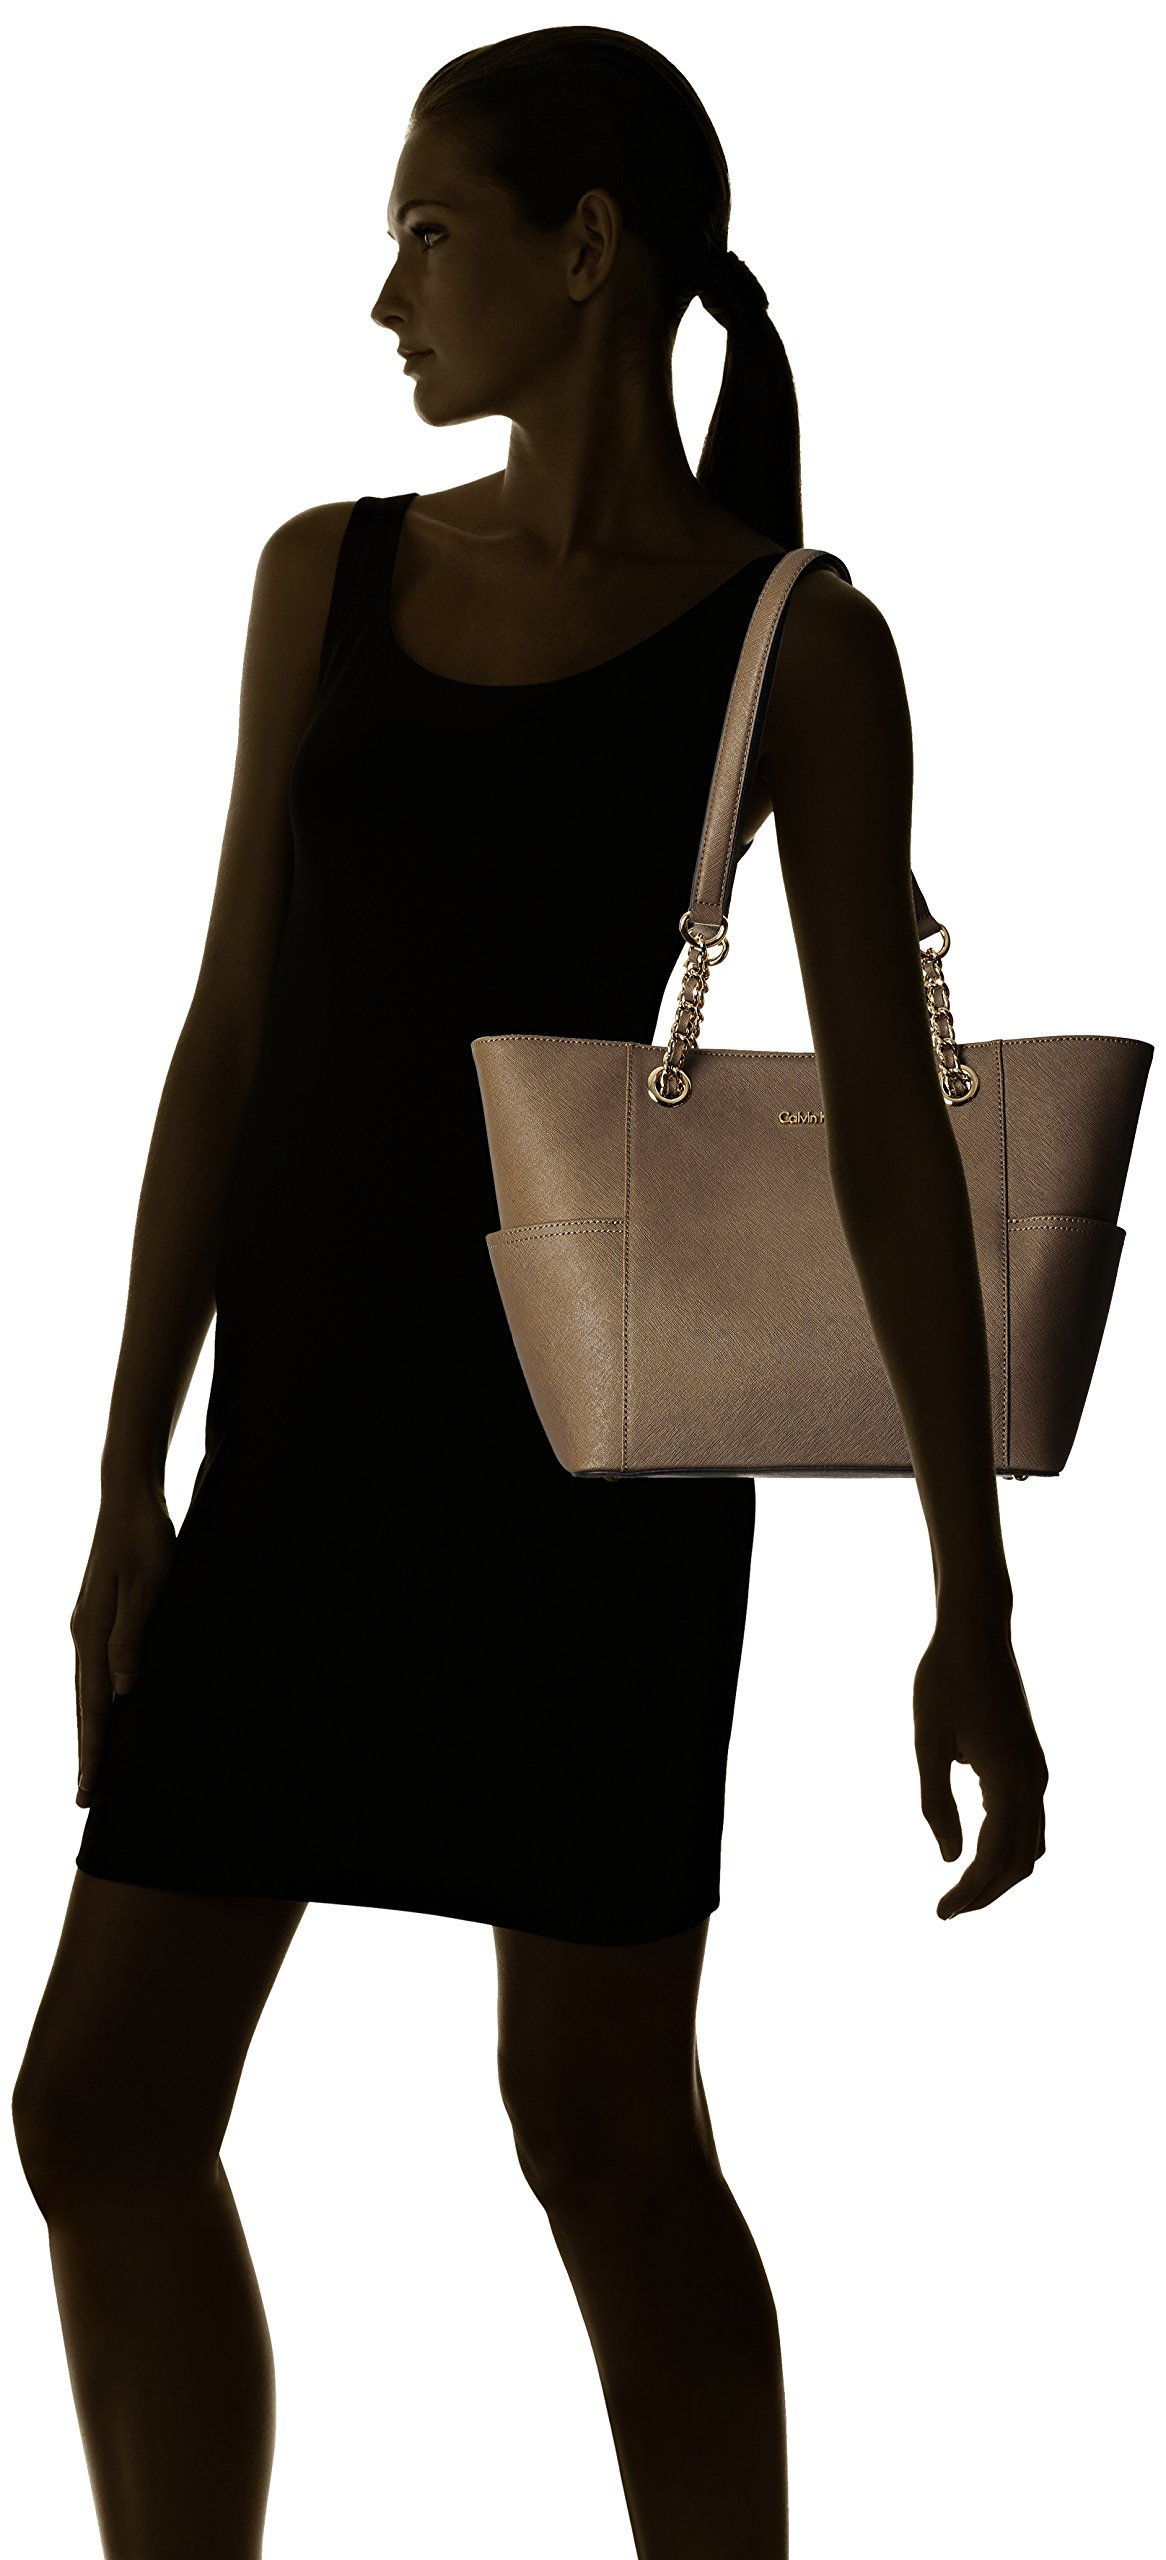 Calvin-Klein-Saffiano-Leather-Chain-Tote